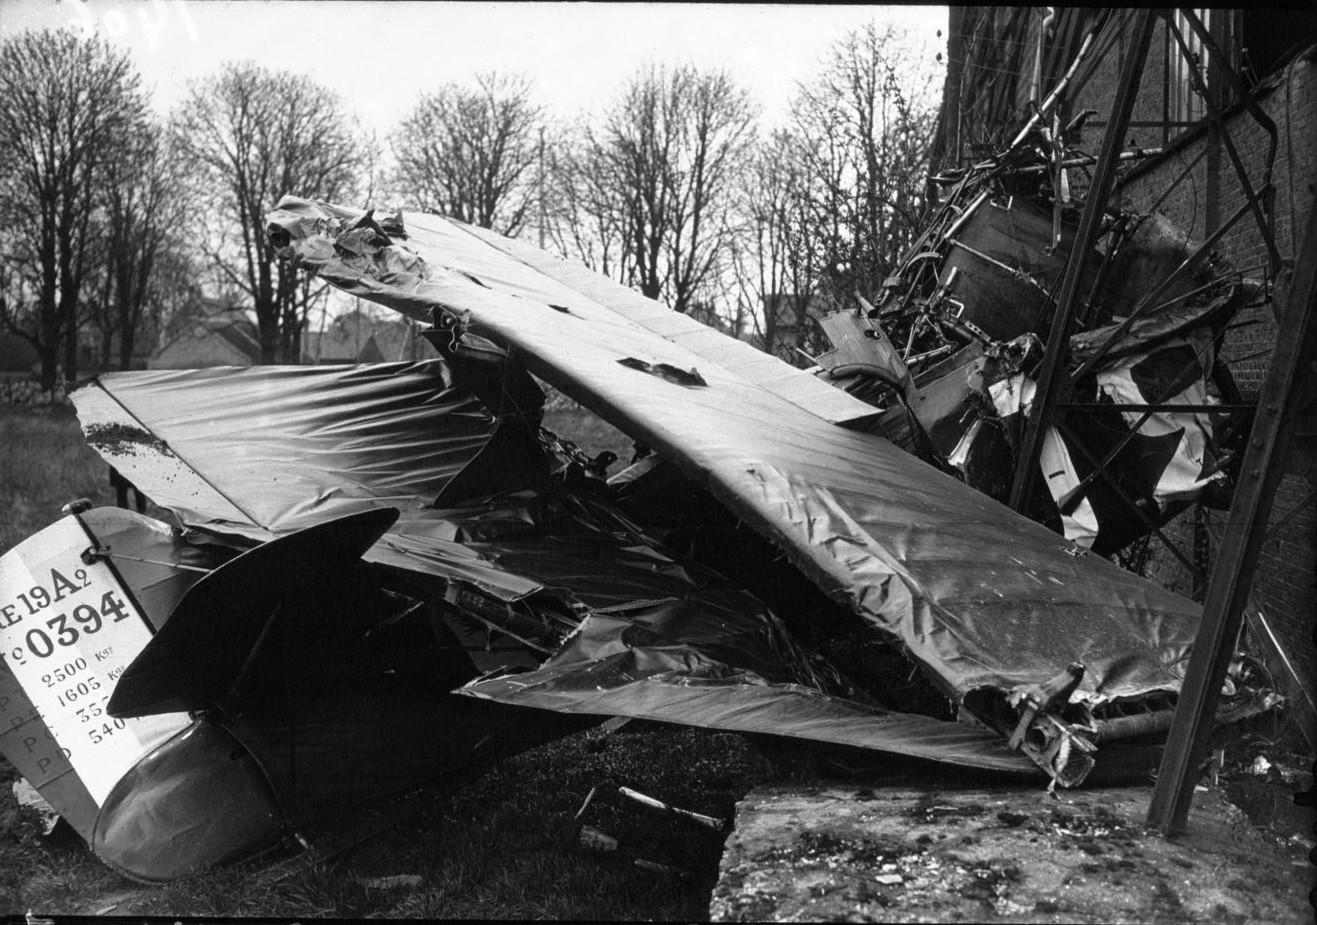 Результат аварии военного самолета в Ле Бурже